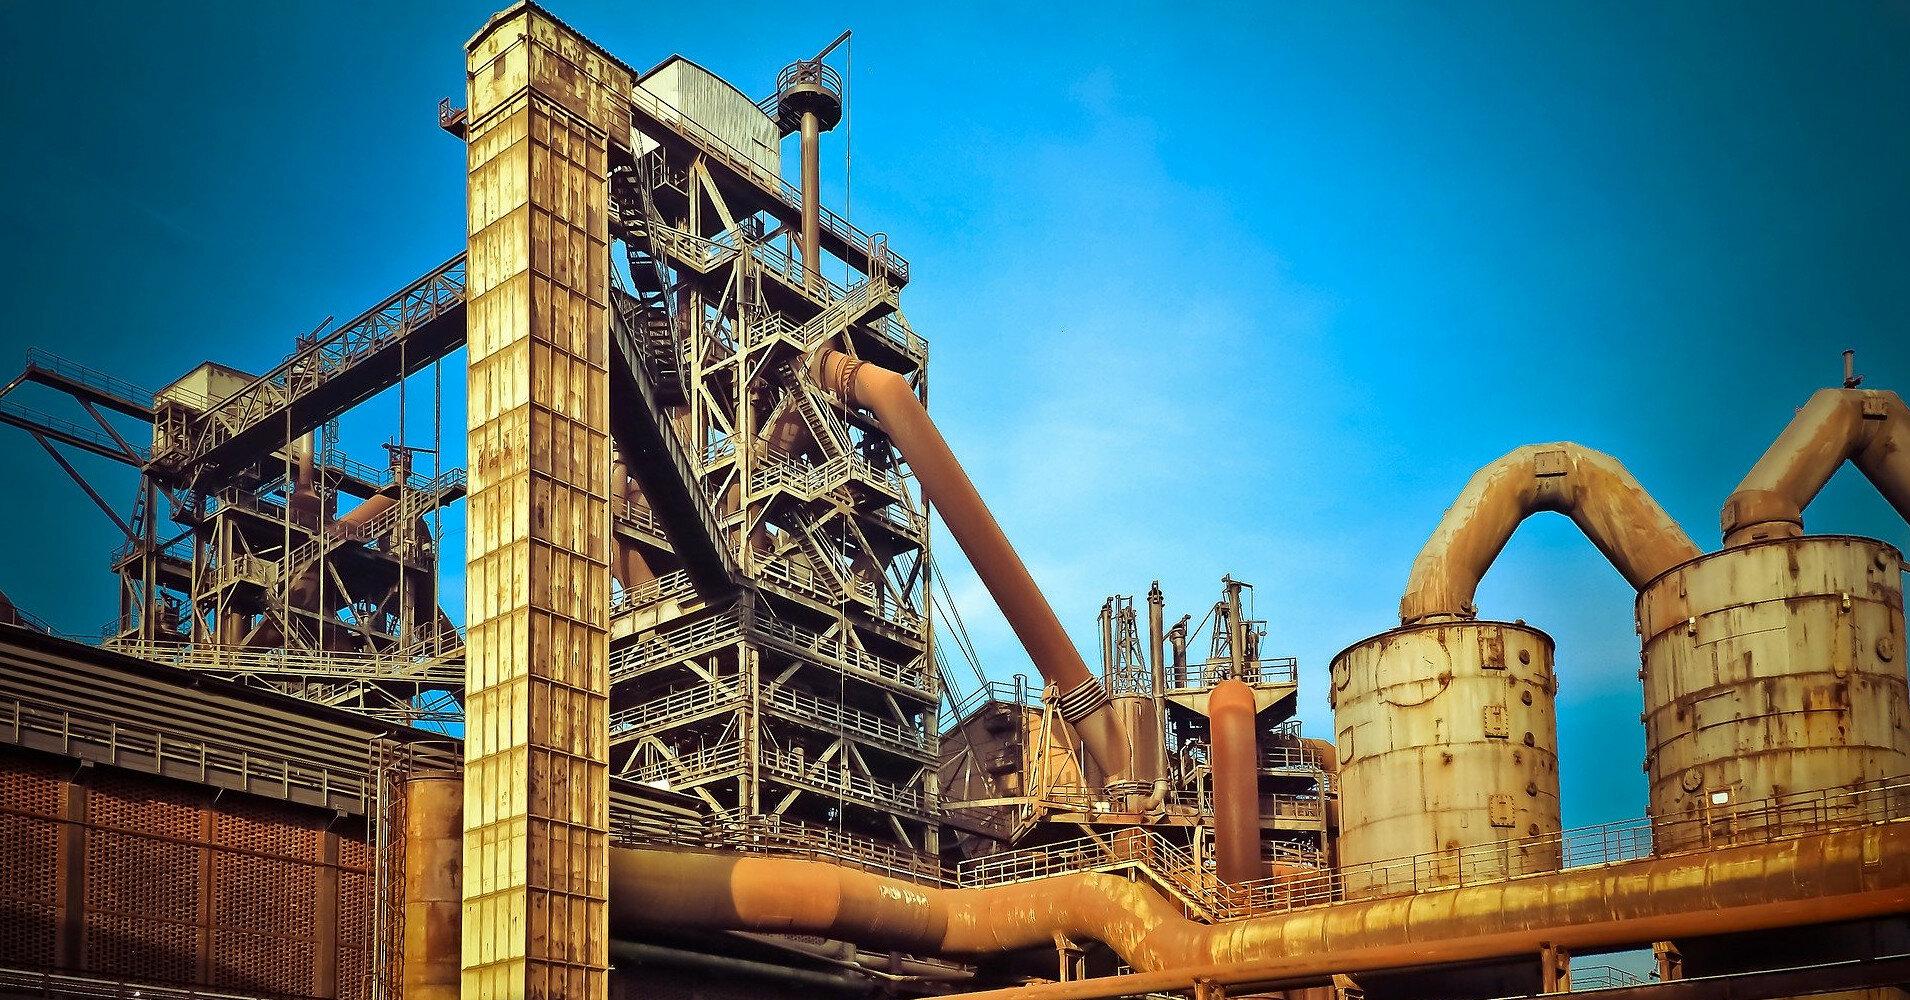 США сохранили антидемпинговые пошлины на сталь из Украины